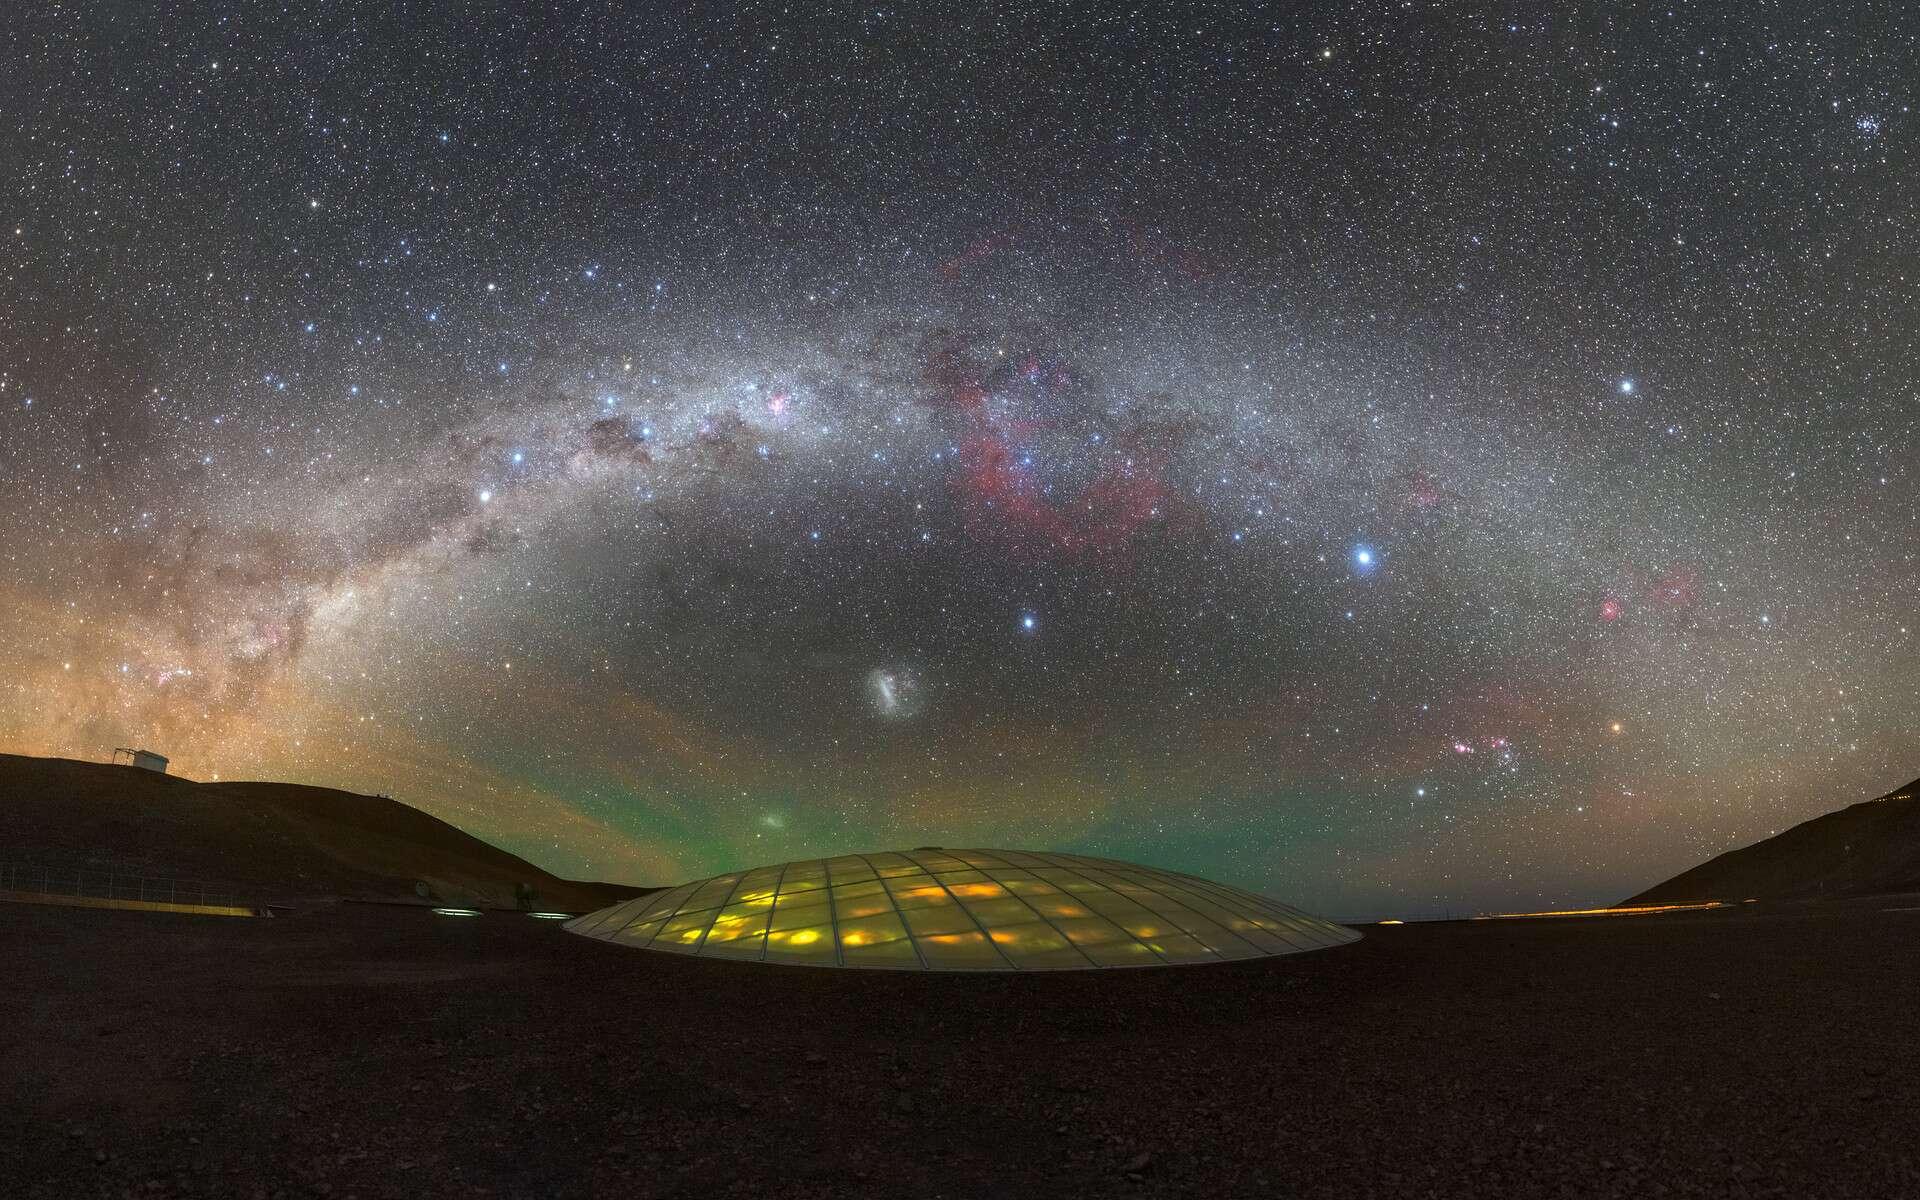 L'arche de la Voie lactée se déploie au-dessus de la résidence de l'ESO à l'observatoire Paranal, à 2.400 mètres d'altitude, au Chili. Un site magnifique où furent tournées des scènes du James Bond Quantum of Solace. © P. Horálek, ESO